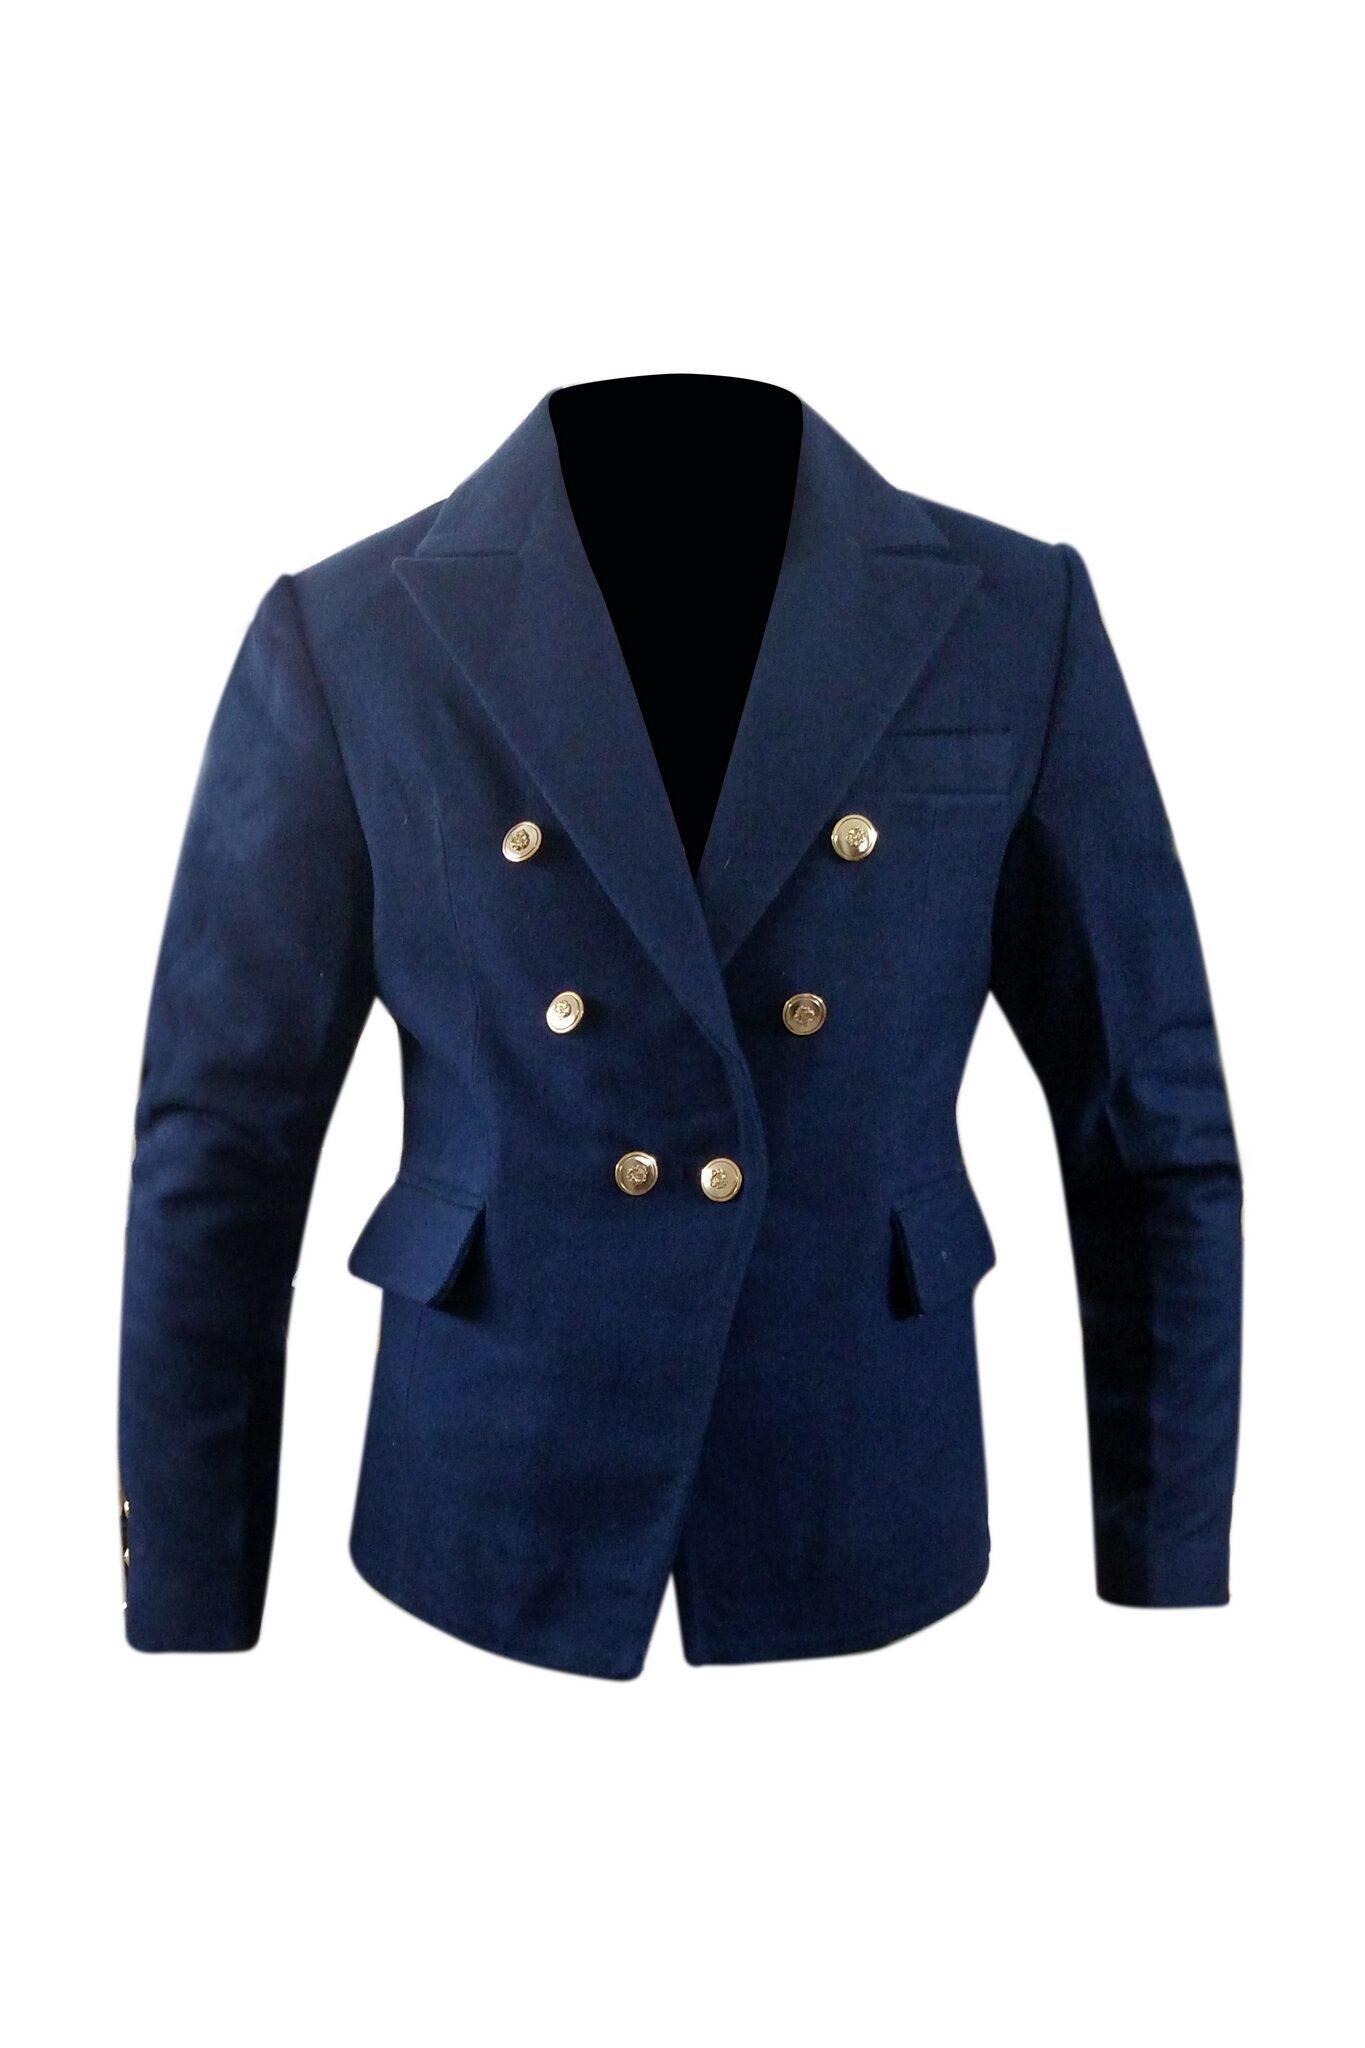 Women's Blazer Style Wool Coat-3